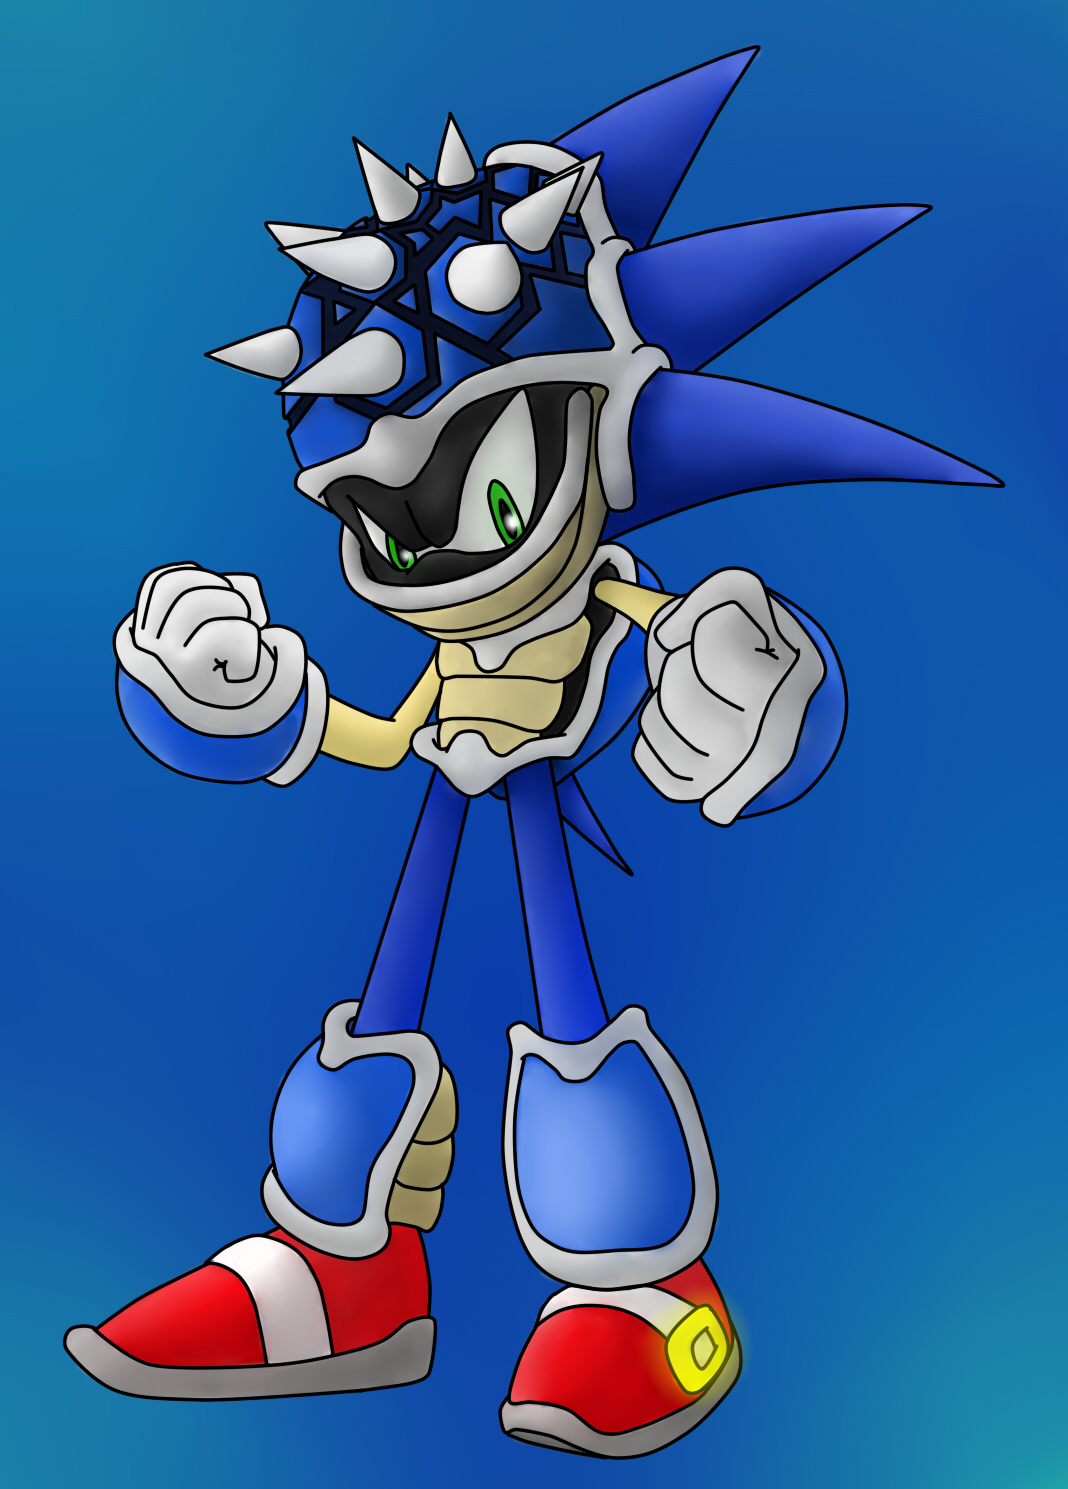 Blue Shell Sonic by Sweecrue